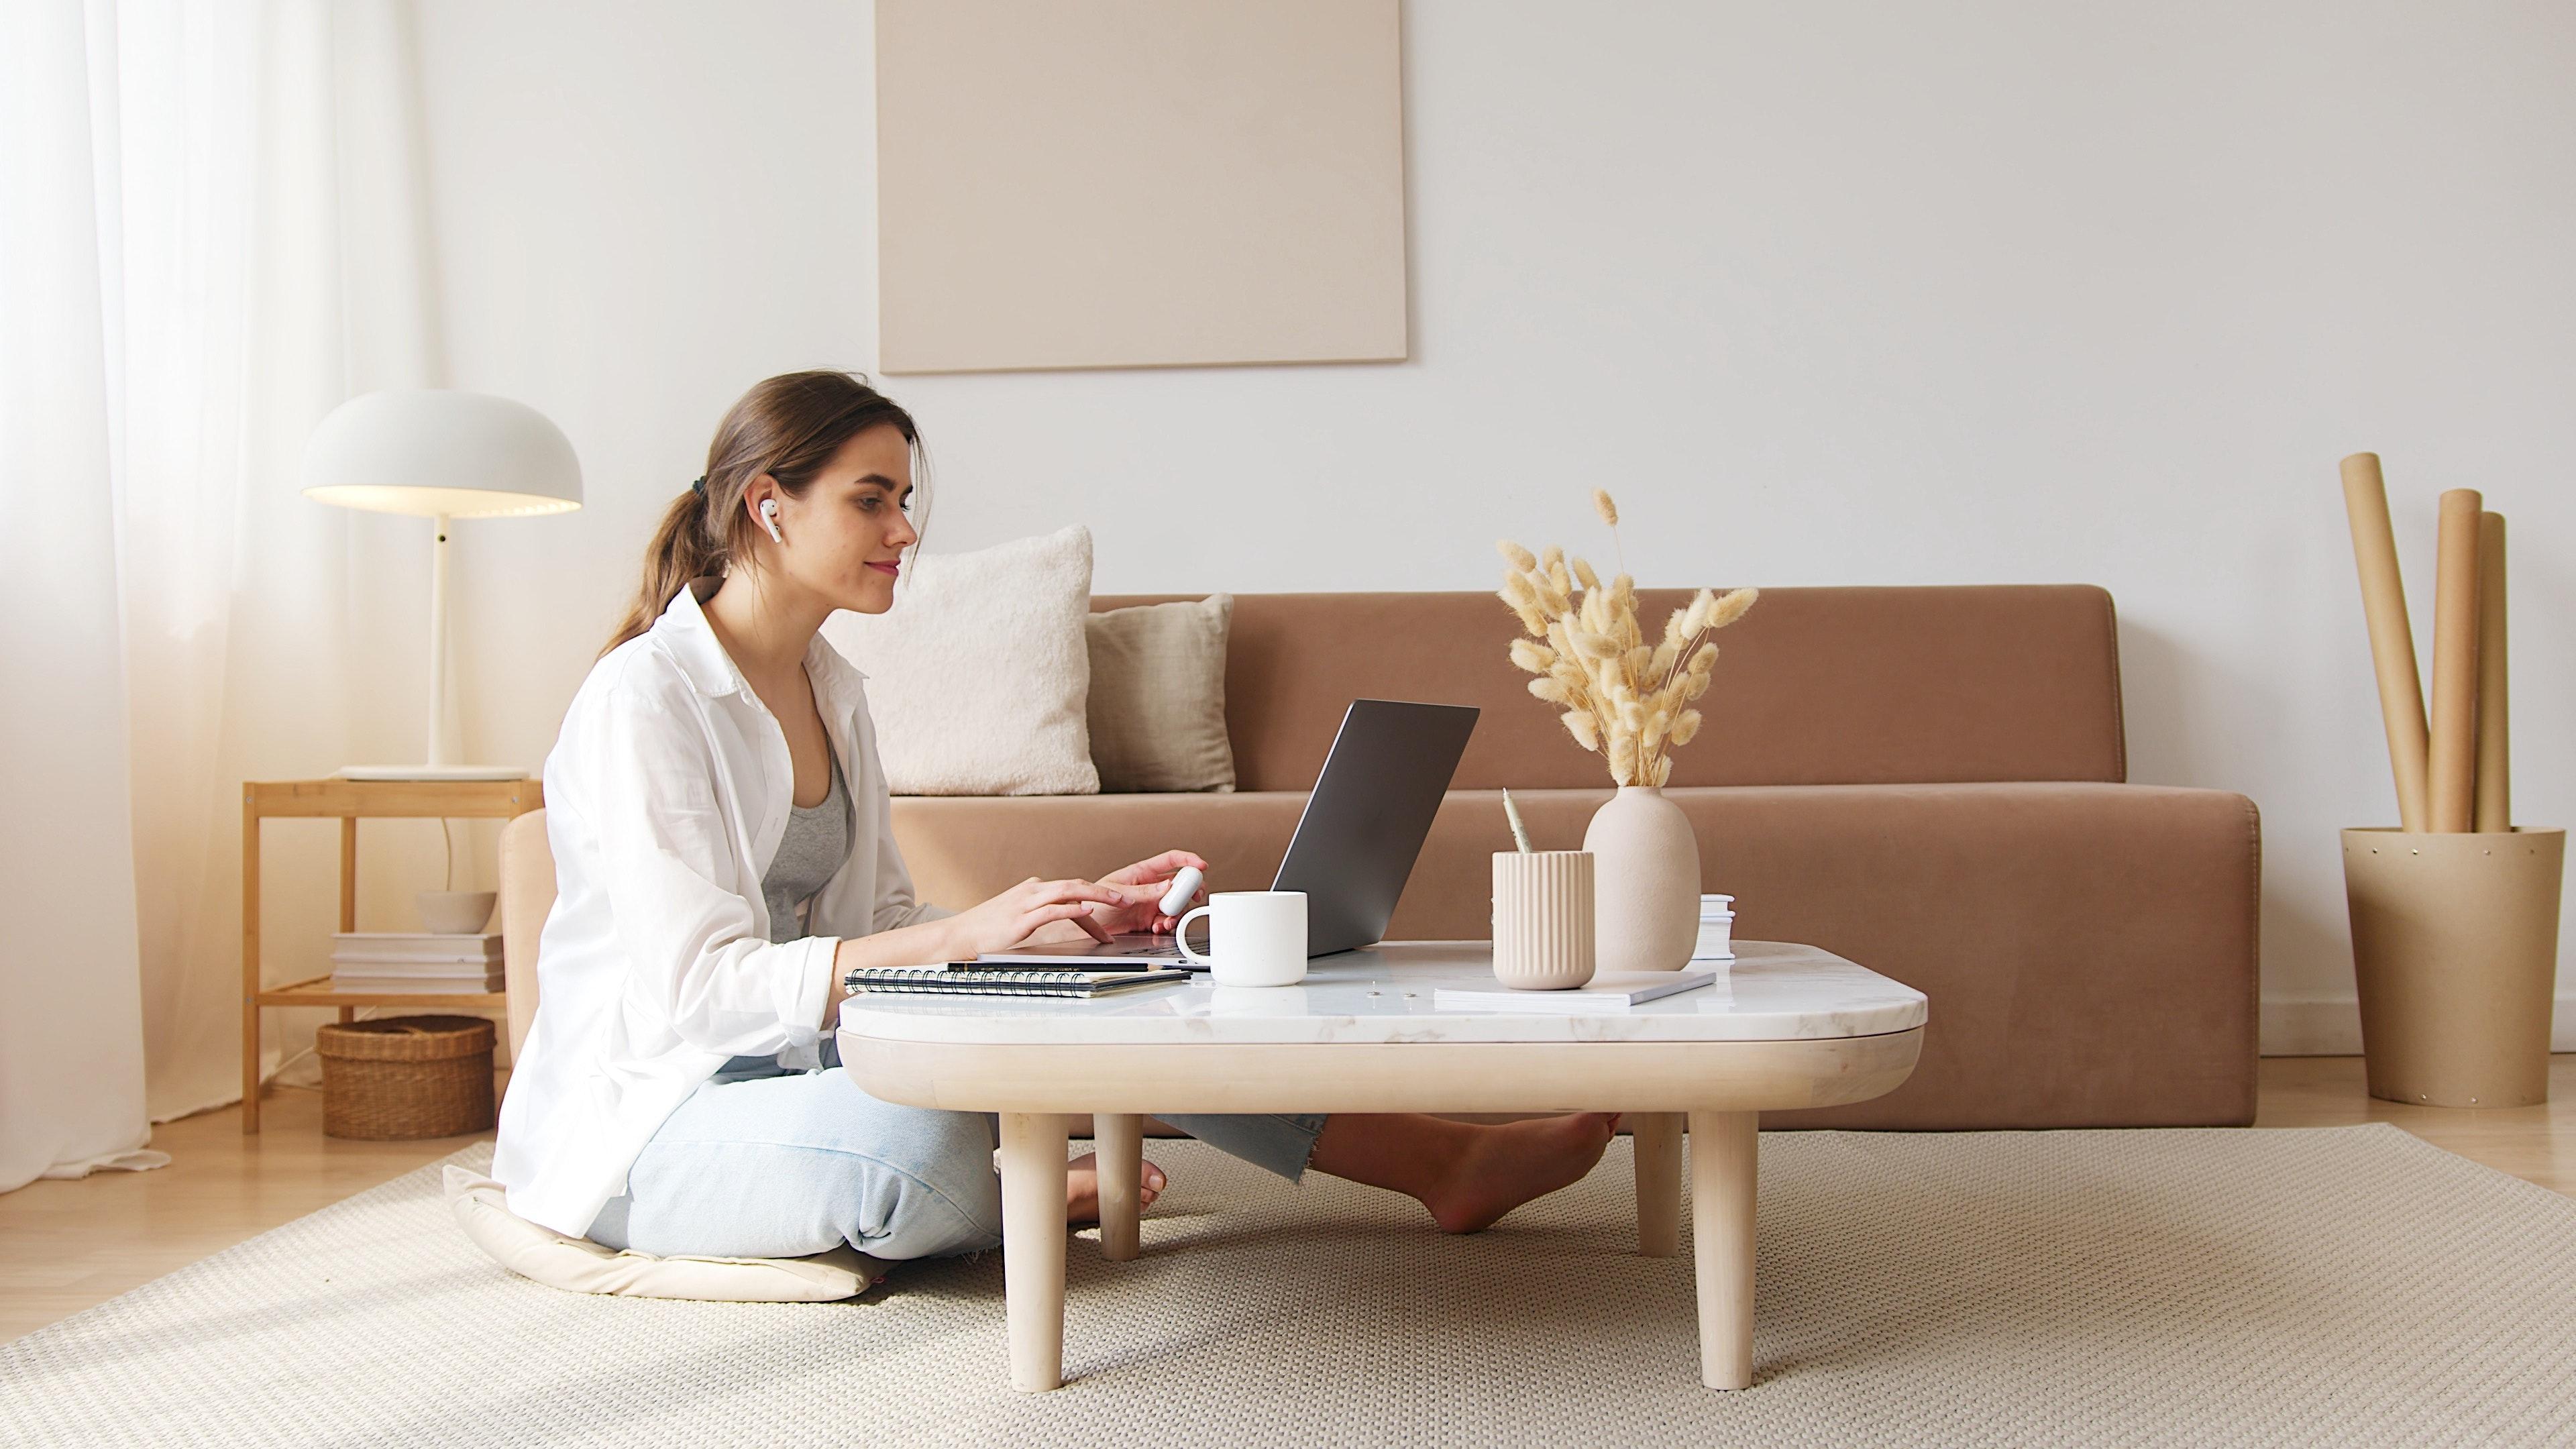 Tudo para mobiliar e decorar sua casa num único lugar